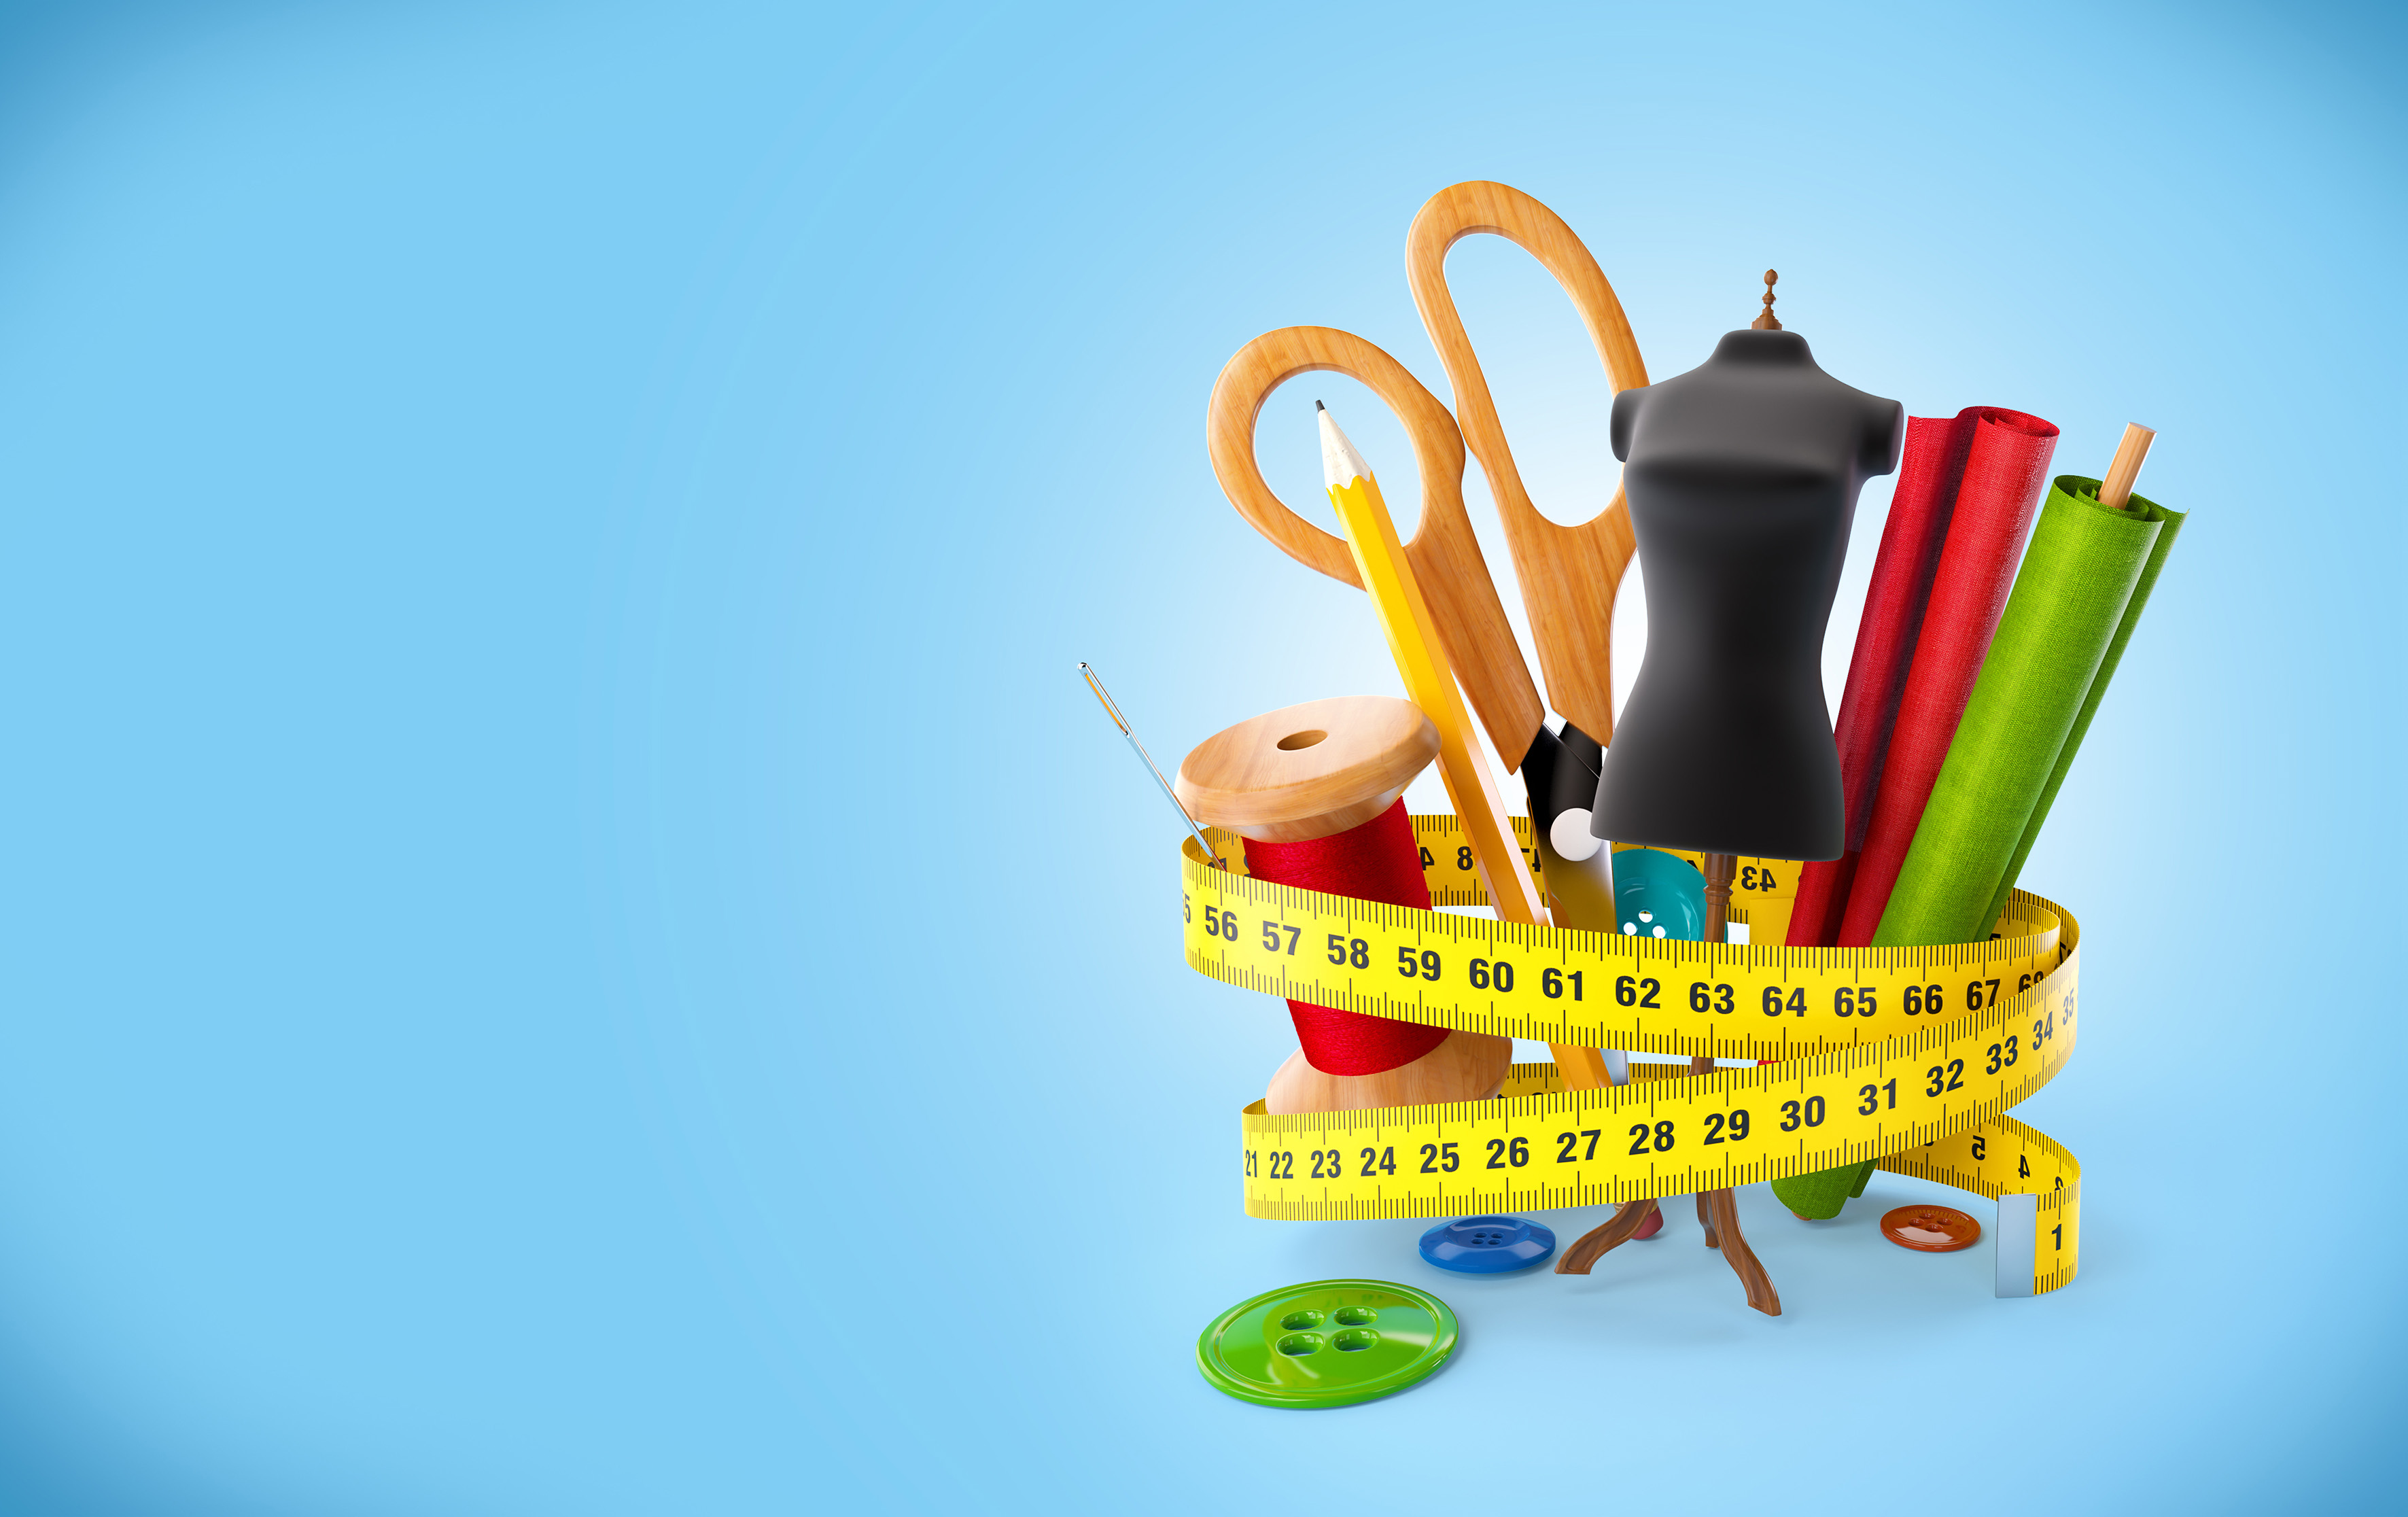 تبلیغات گارگاه تولیدی لباس خیاطی